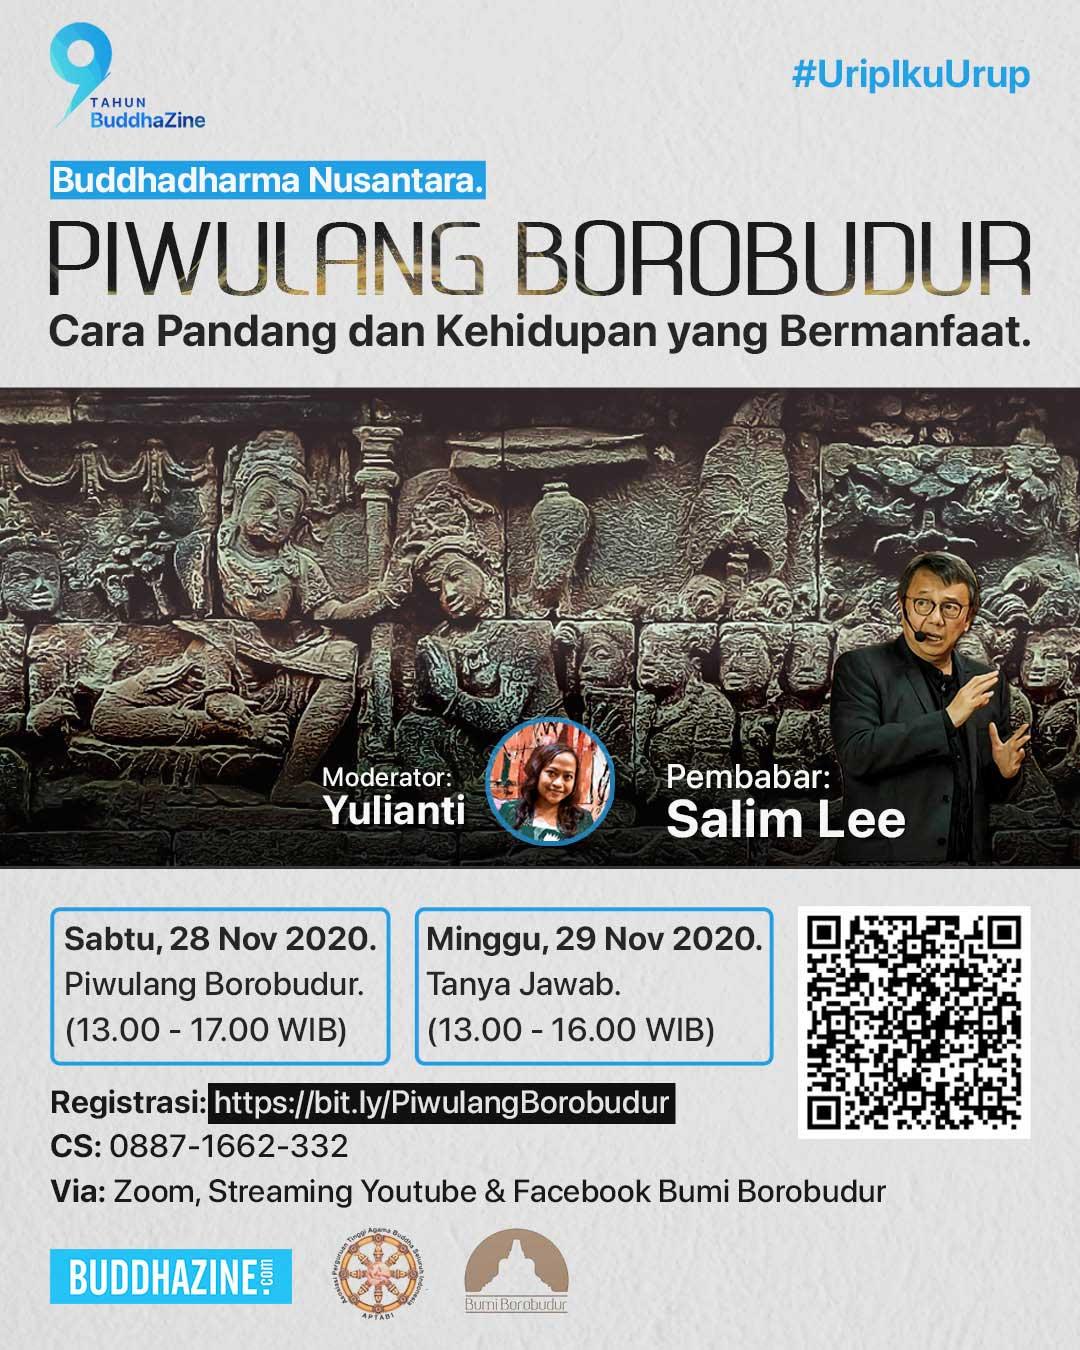 Piwulang Borobudur, Cara Pandang dan Kehidupan yang Bermanfaat